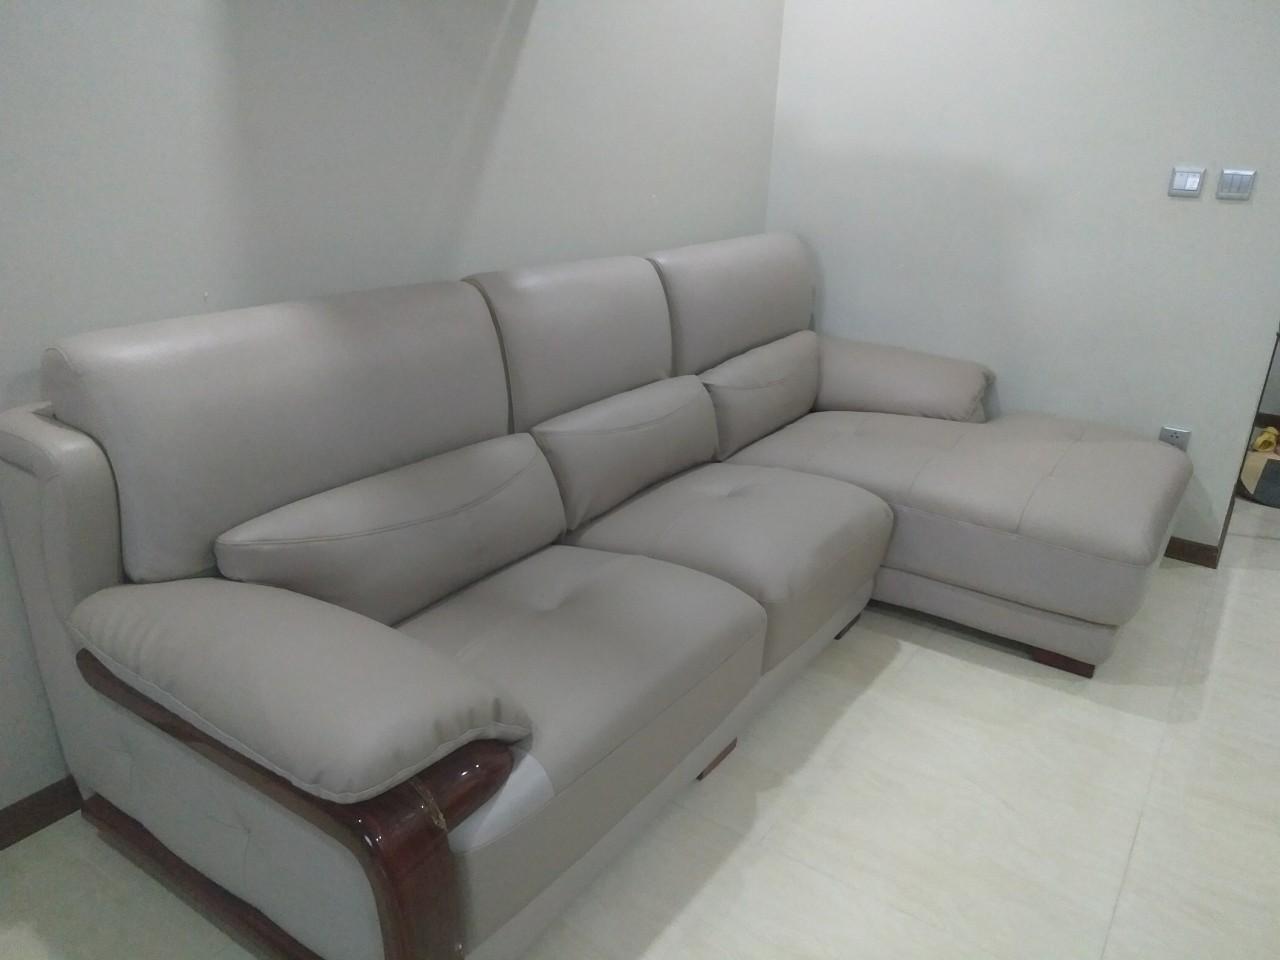 Bọc ghế sofa góc RẠN NỨT cho chị Yến tại Nam Từ Liêm, Hà Nội